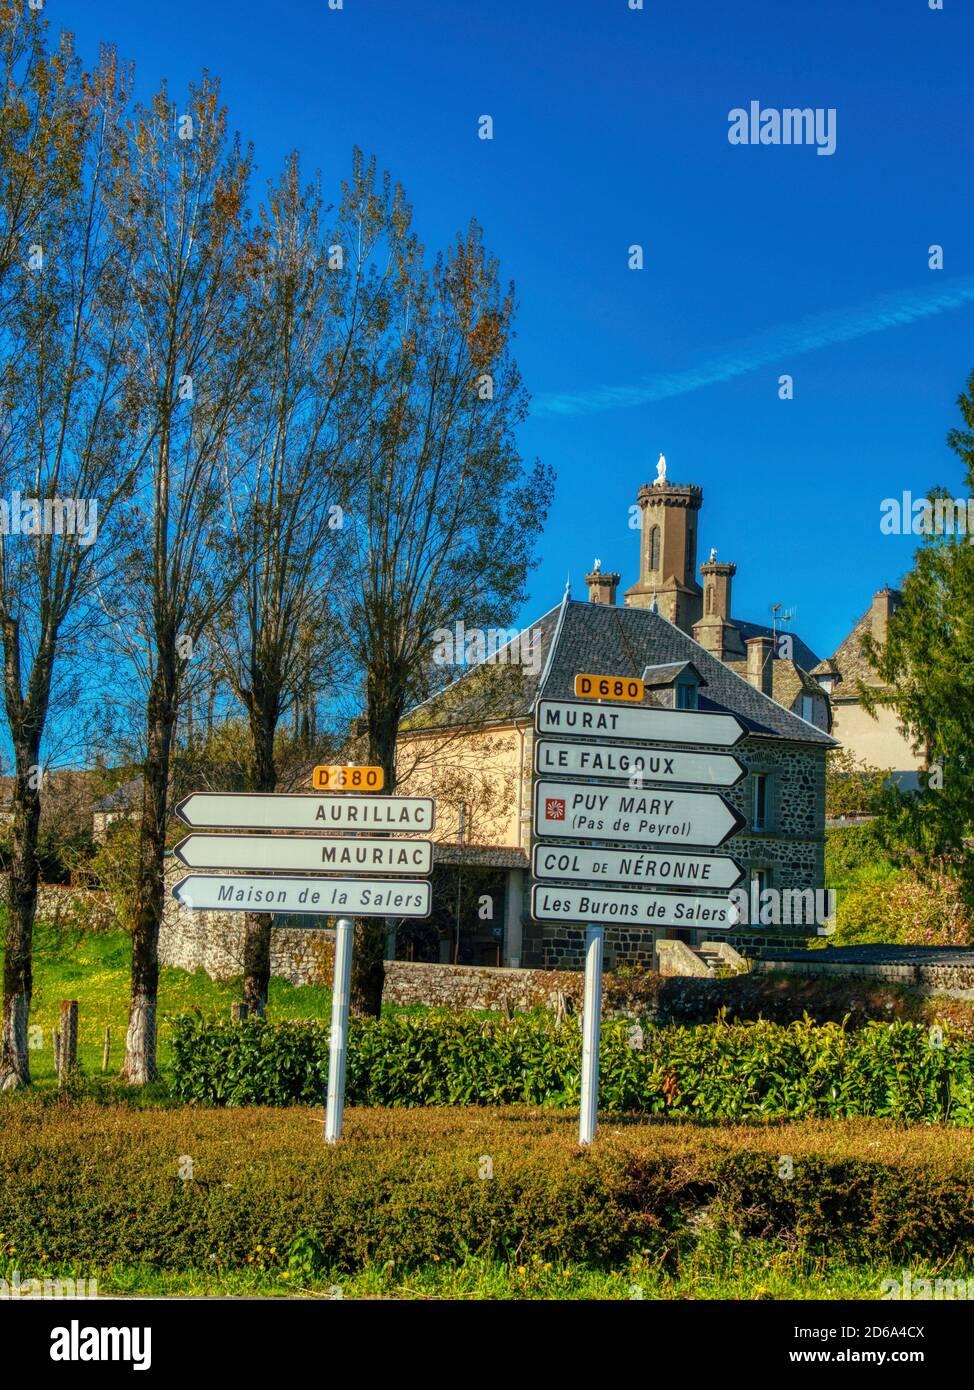 Señales de tráfico, Salers, Departamento de Cantal, región de Auvernia, Francia. Foto de stock